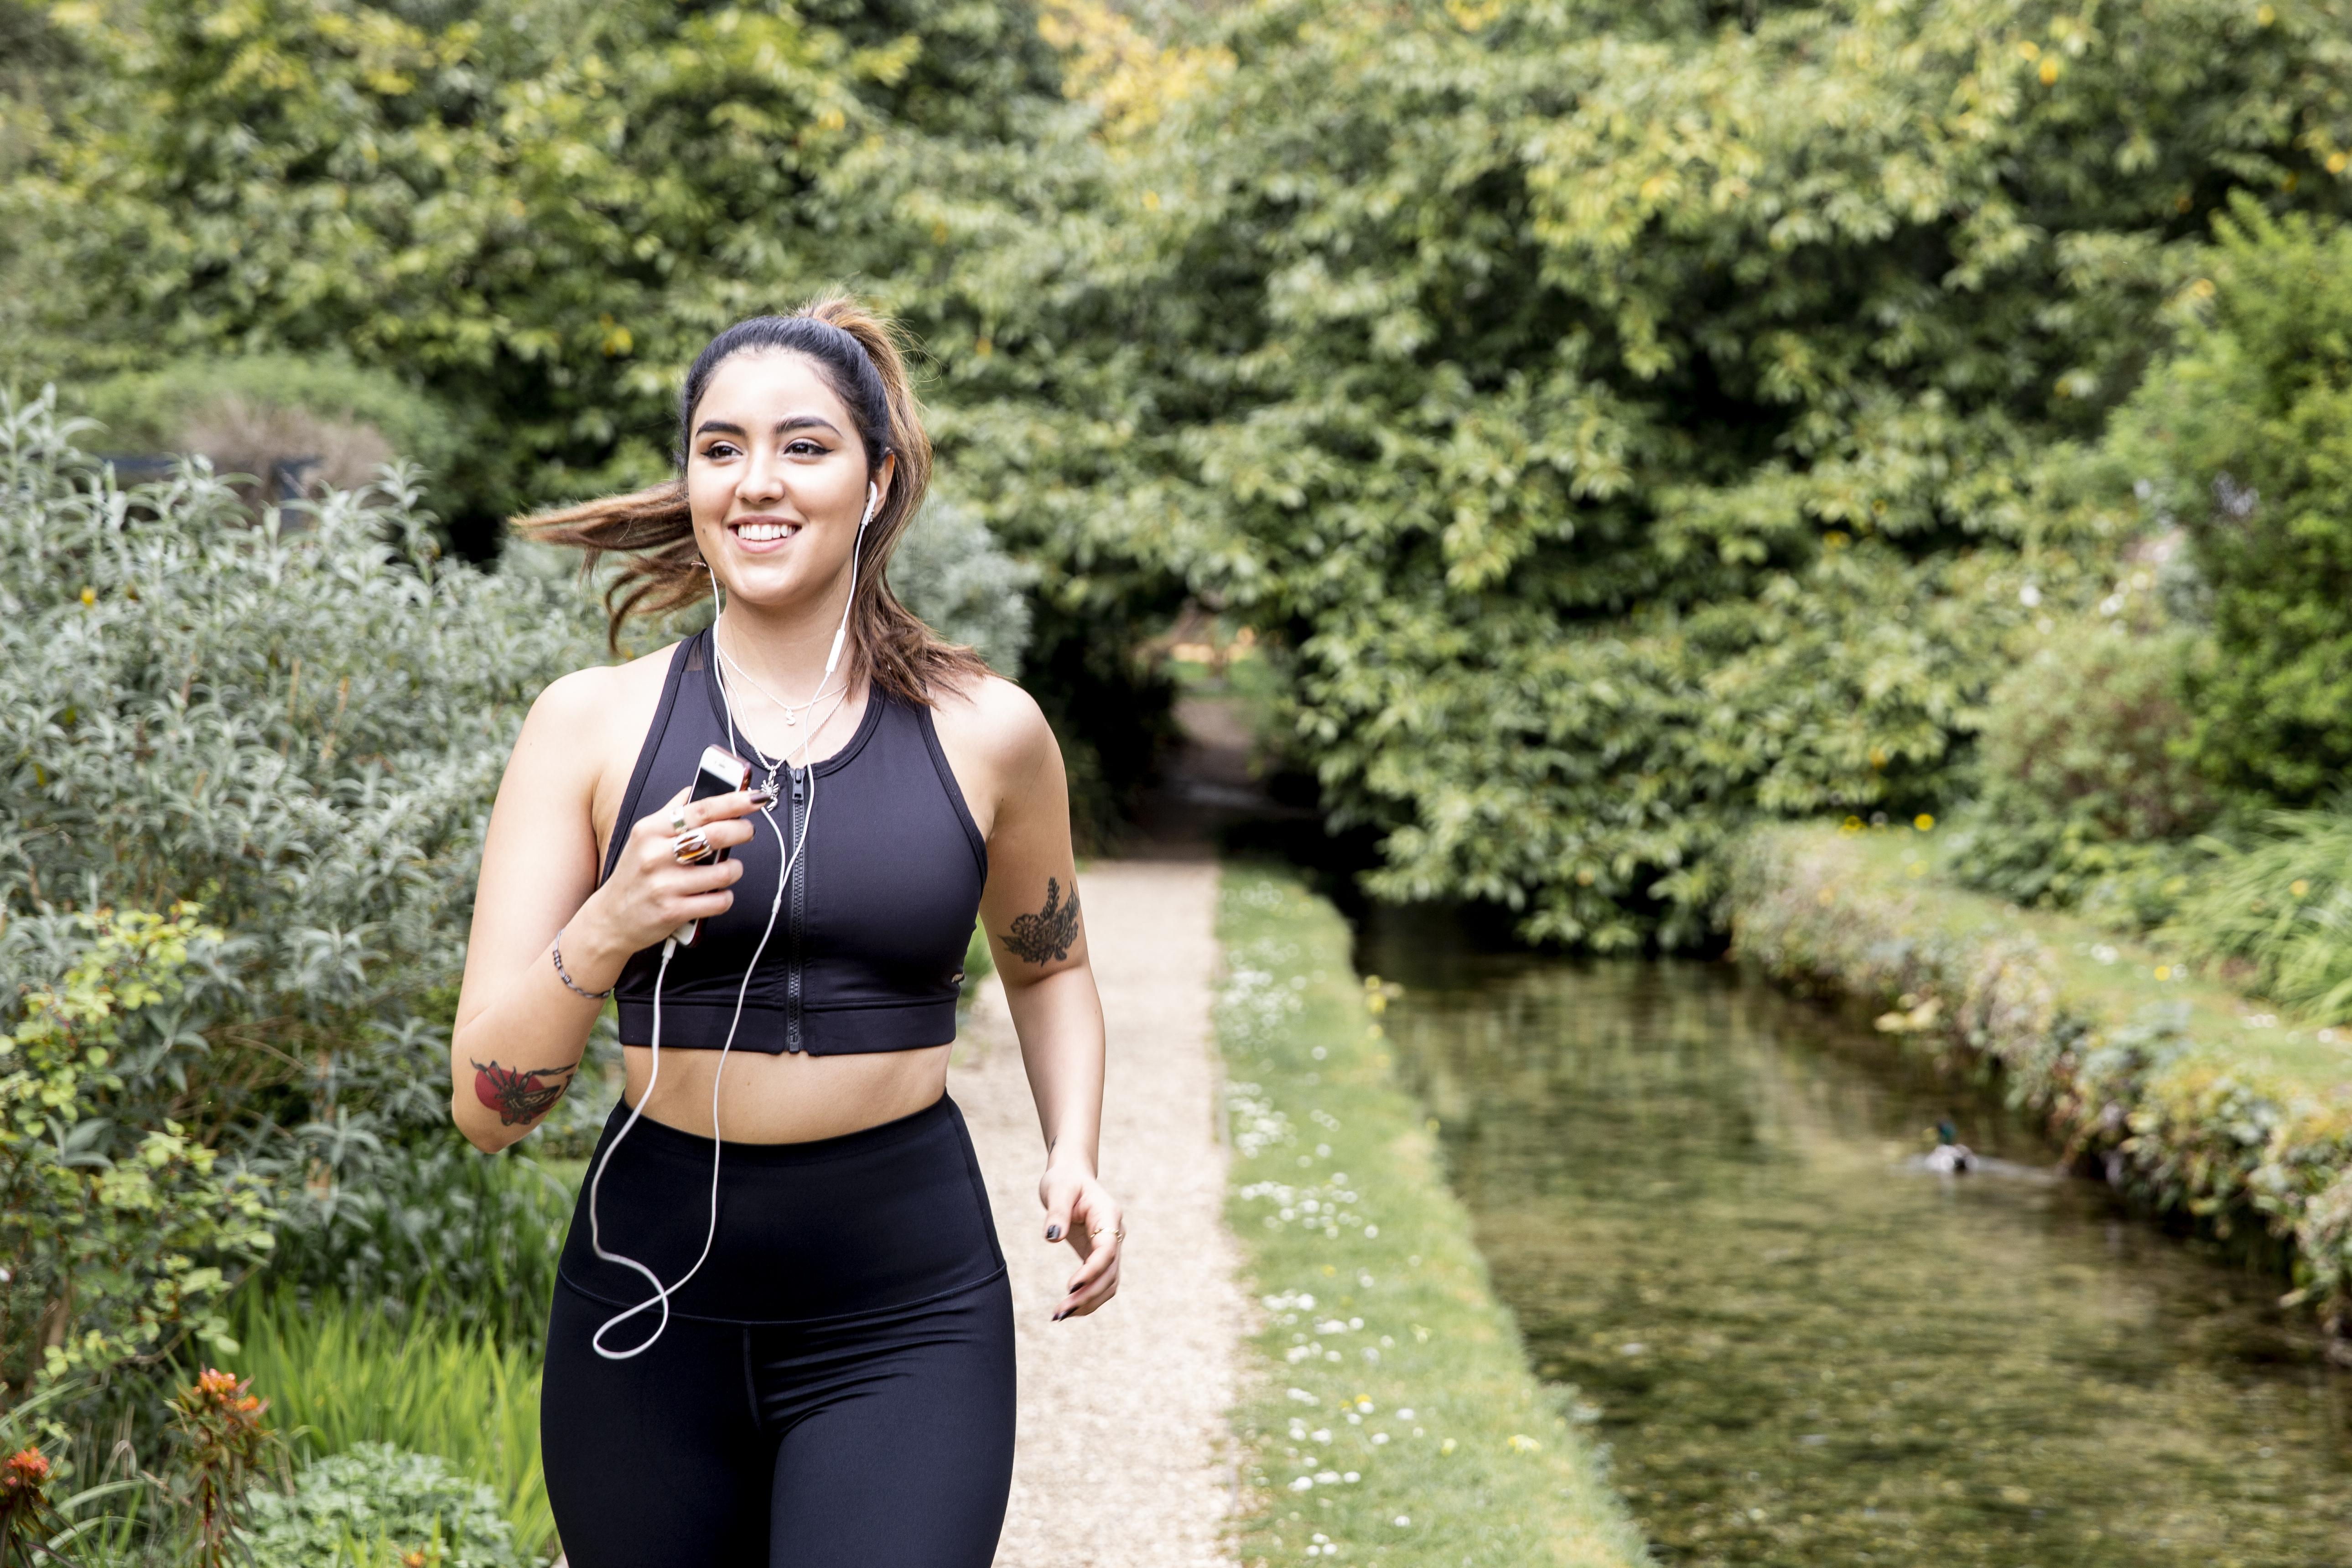 Es una maratón, no una carrera: enfocándose en su salud mental durante una crisis